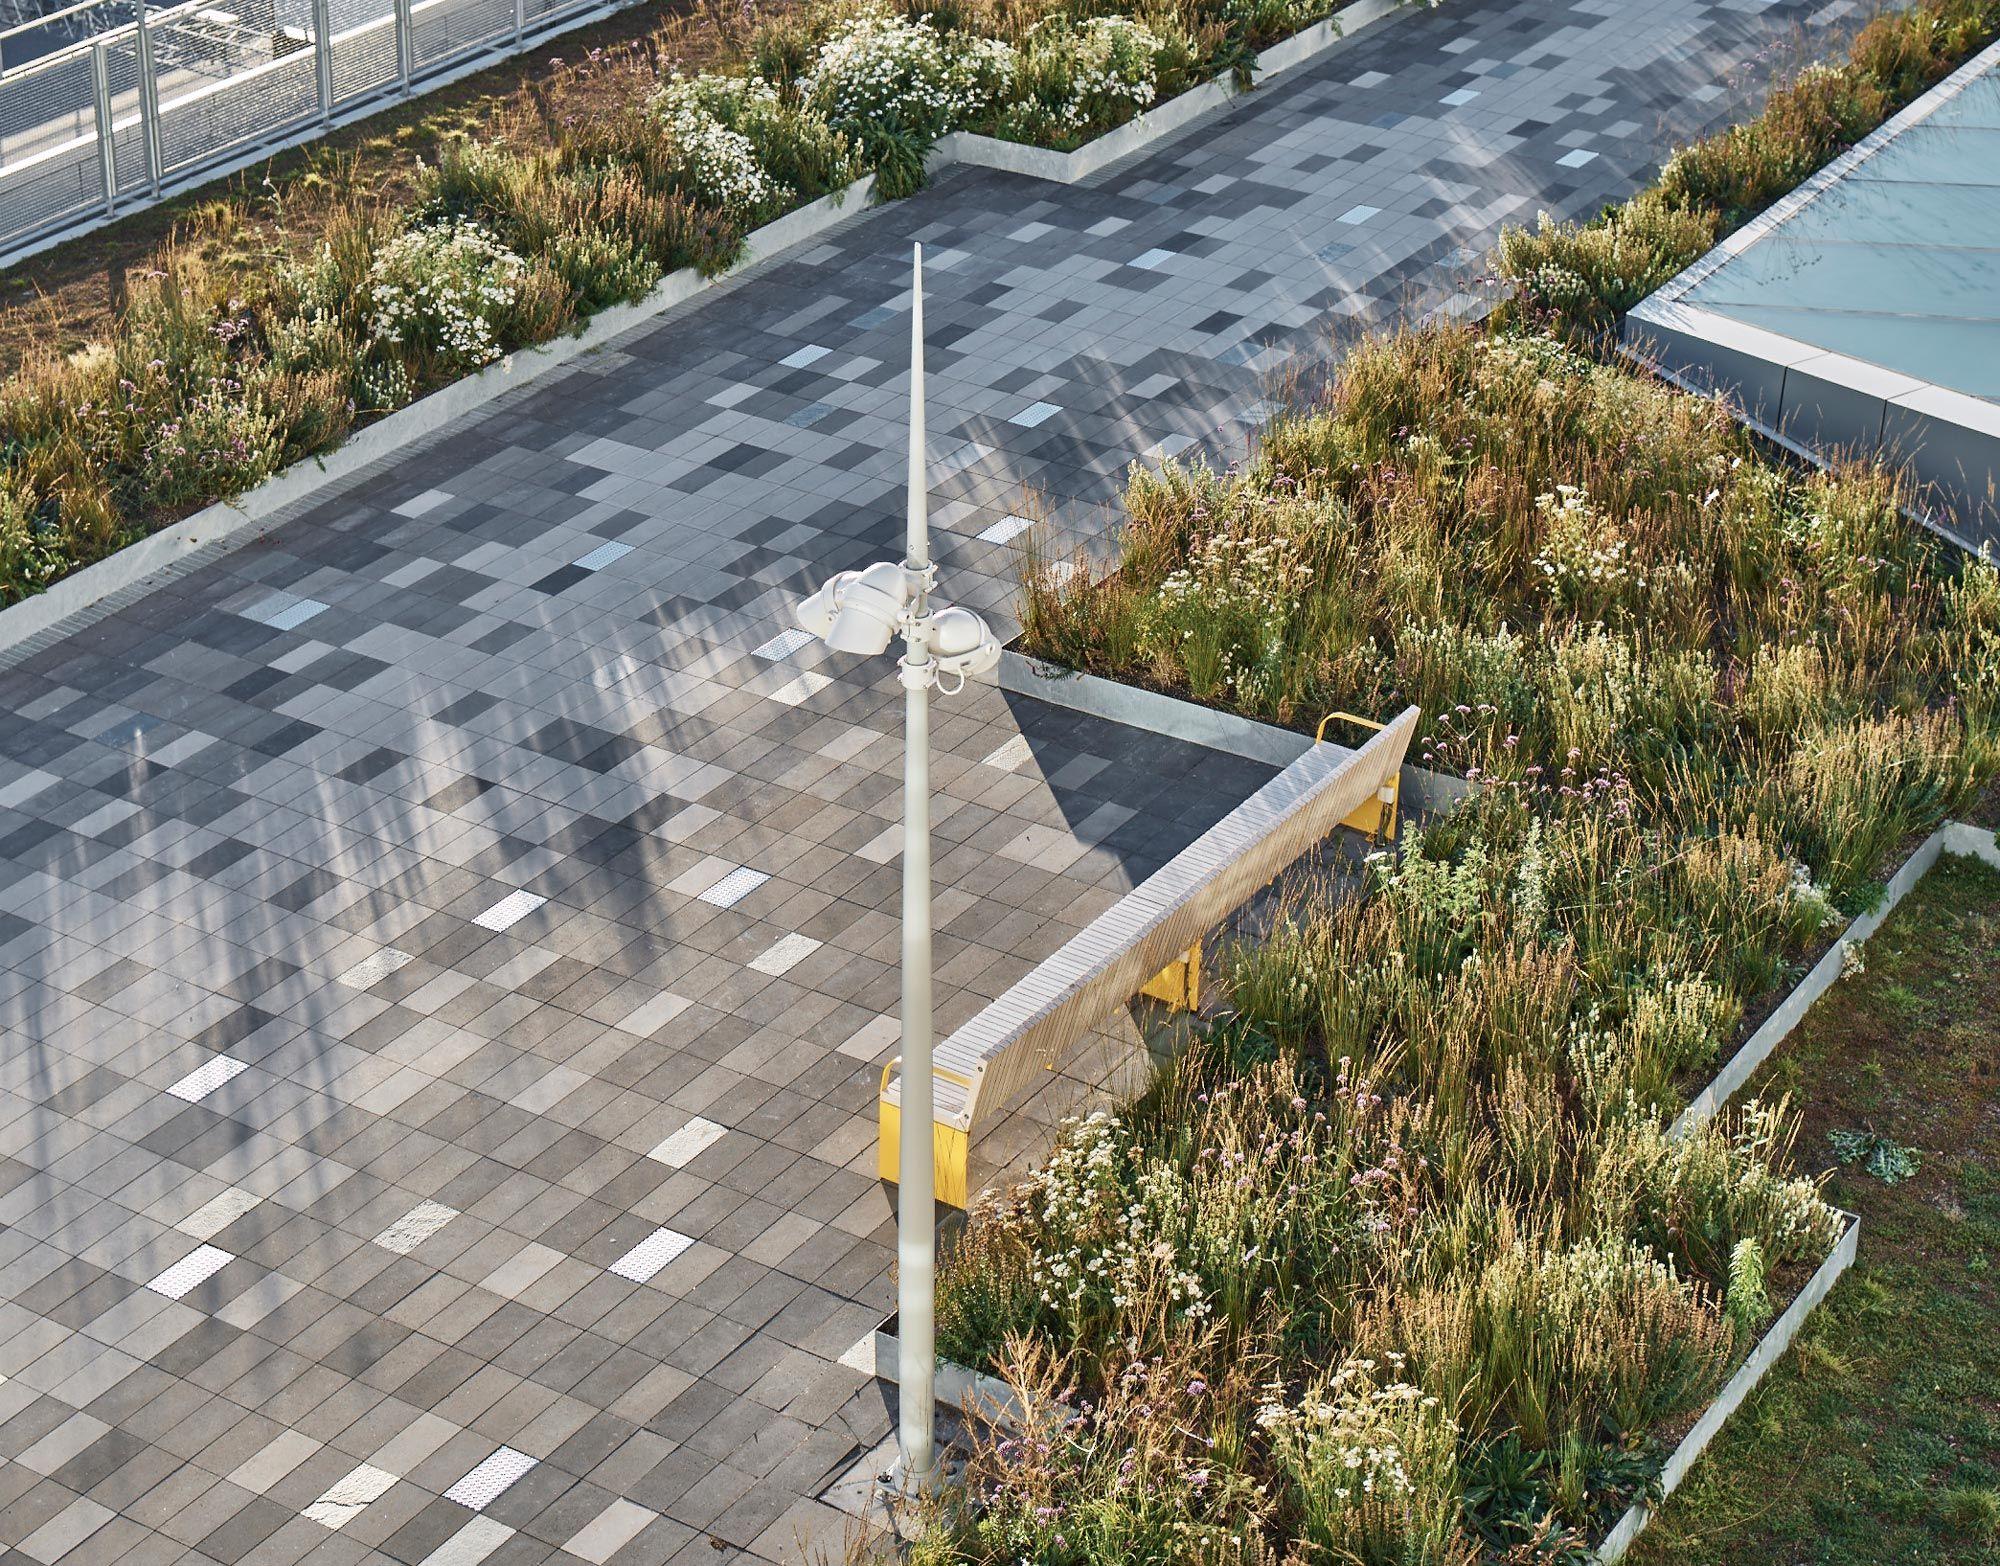 Stockholm roof garden ferry terminal 09 landscape for Place landscape architecture